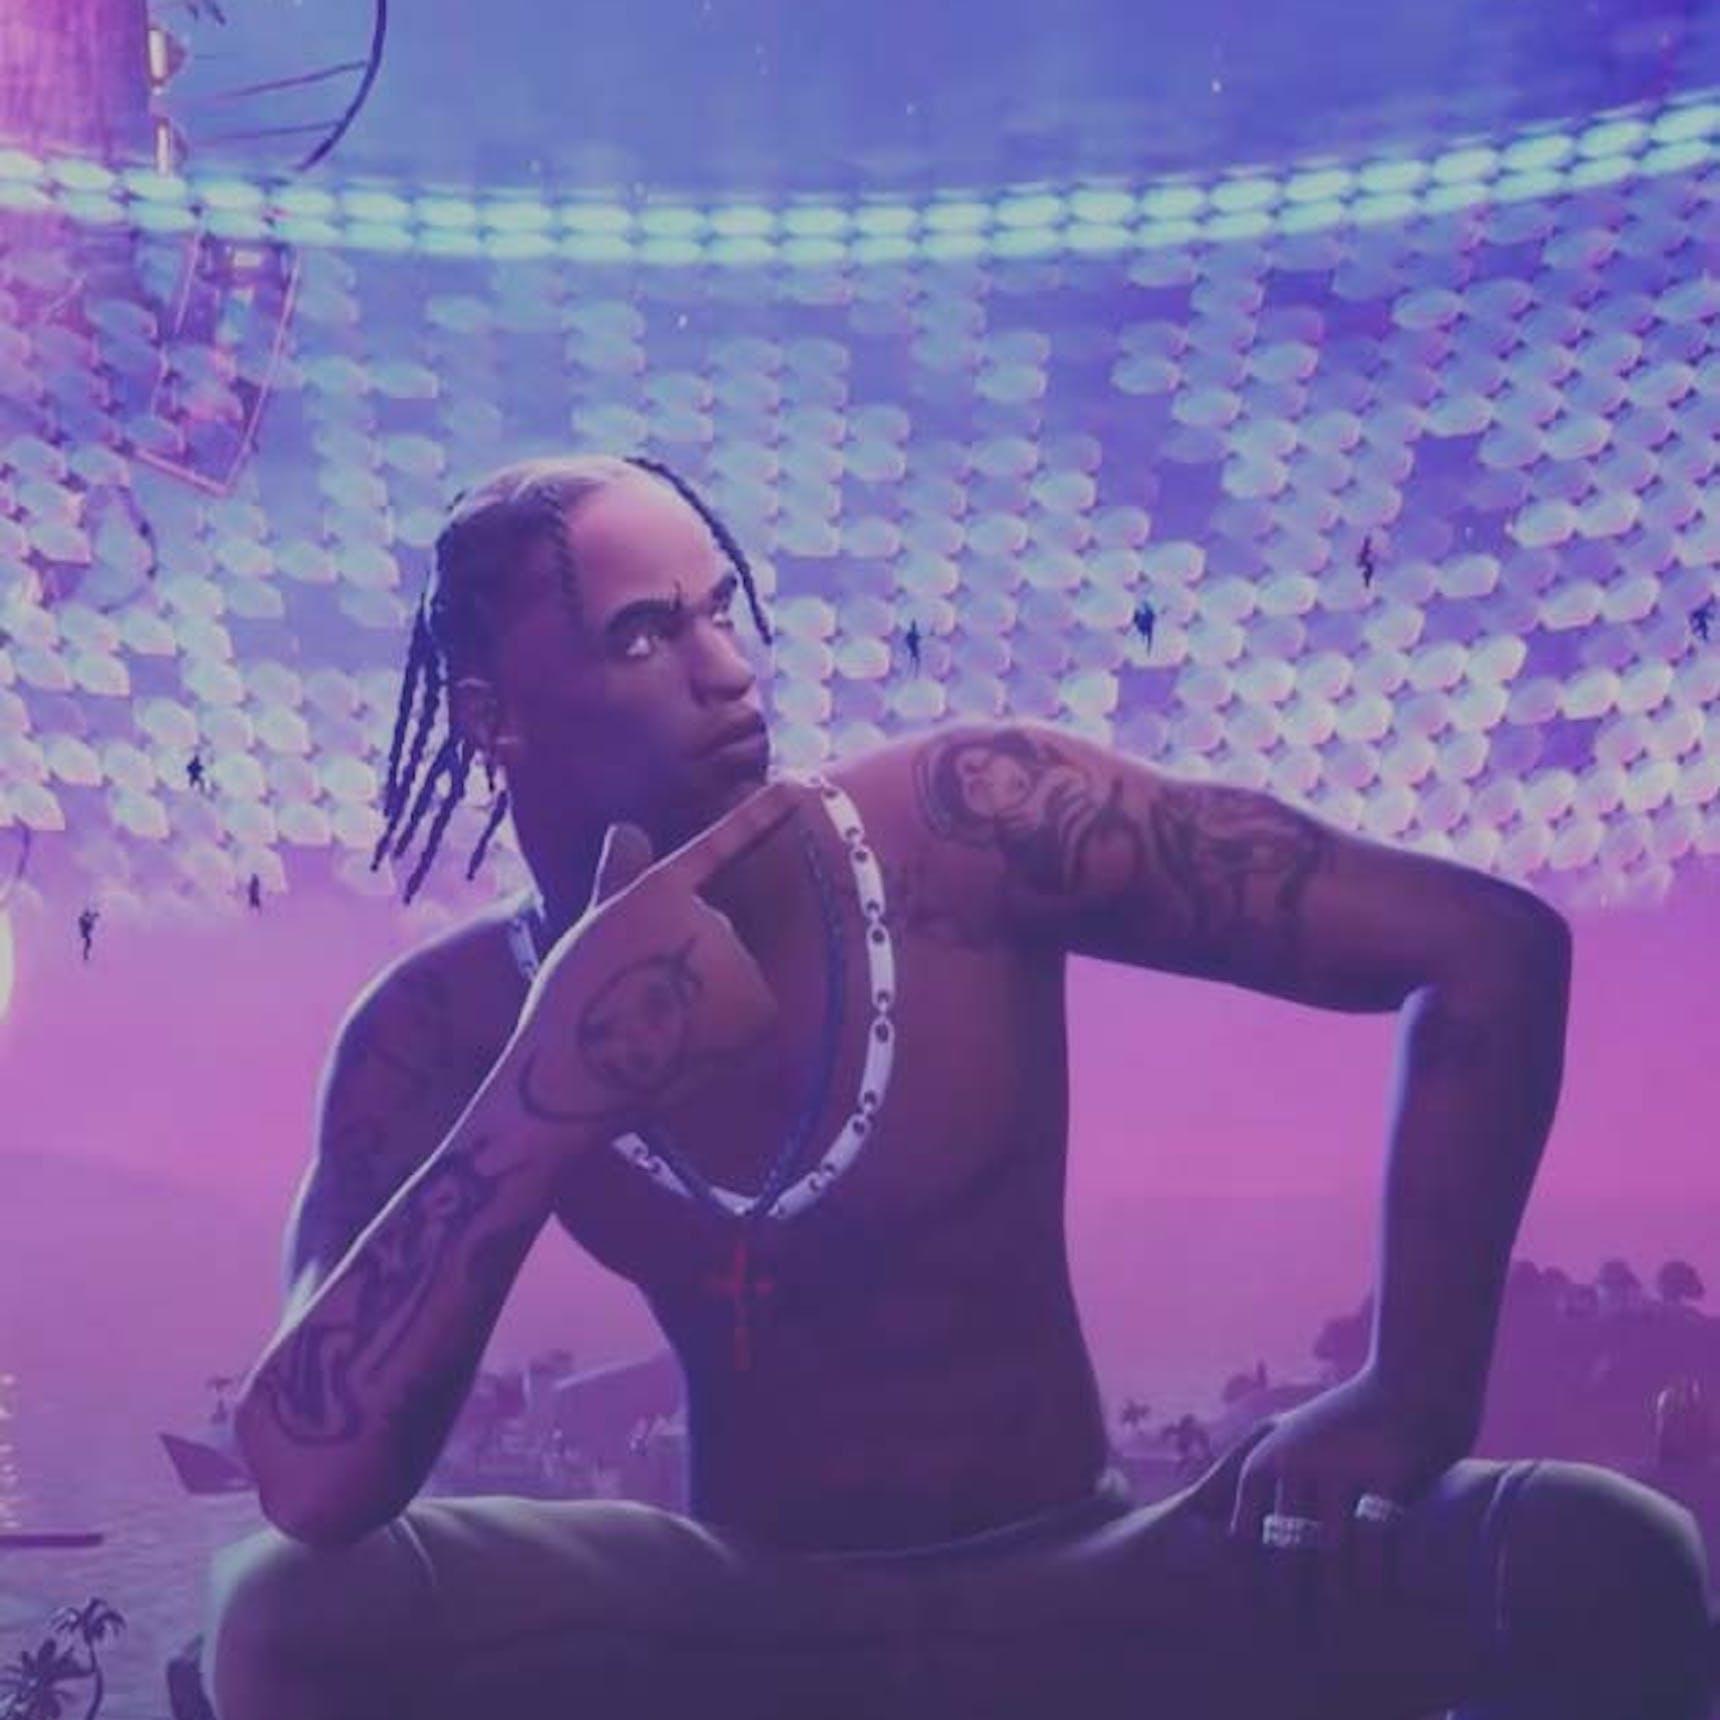 Muziek- en gamingindustrie inspireren elkaar tijdens gloednieuw Unwrap-festival